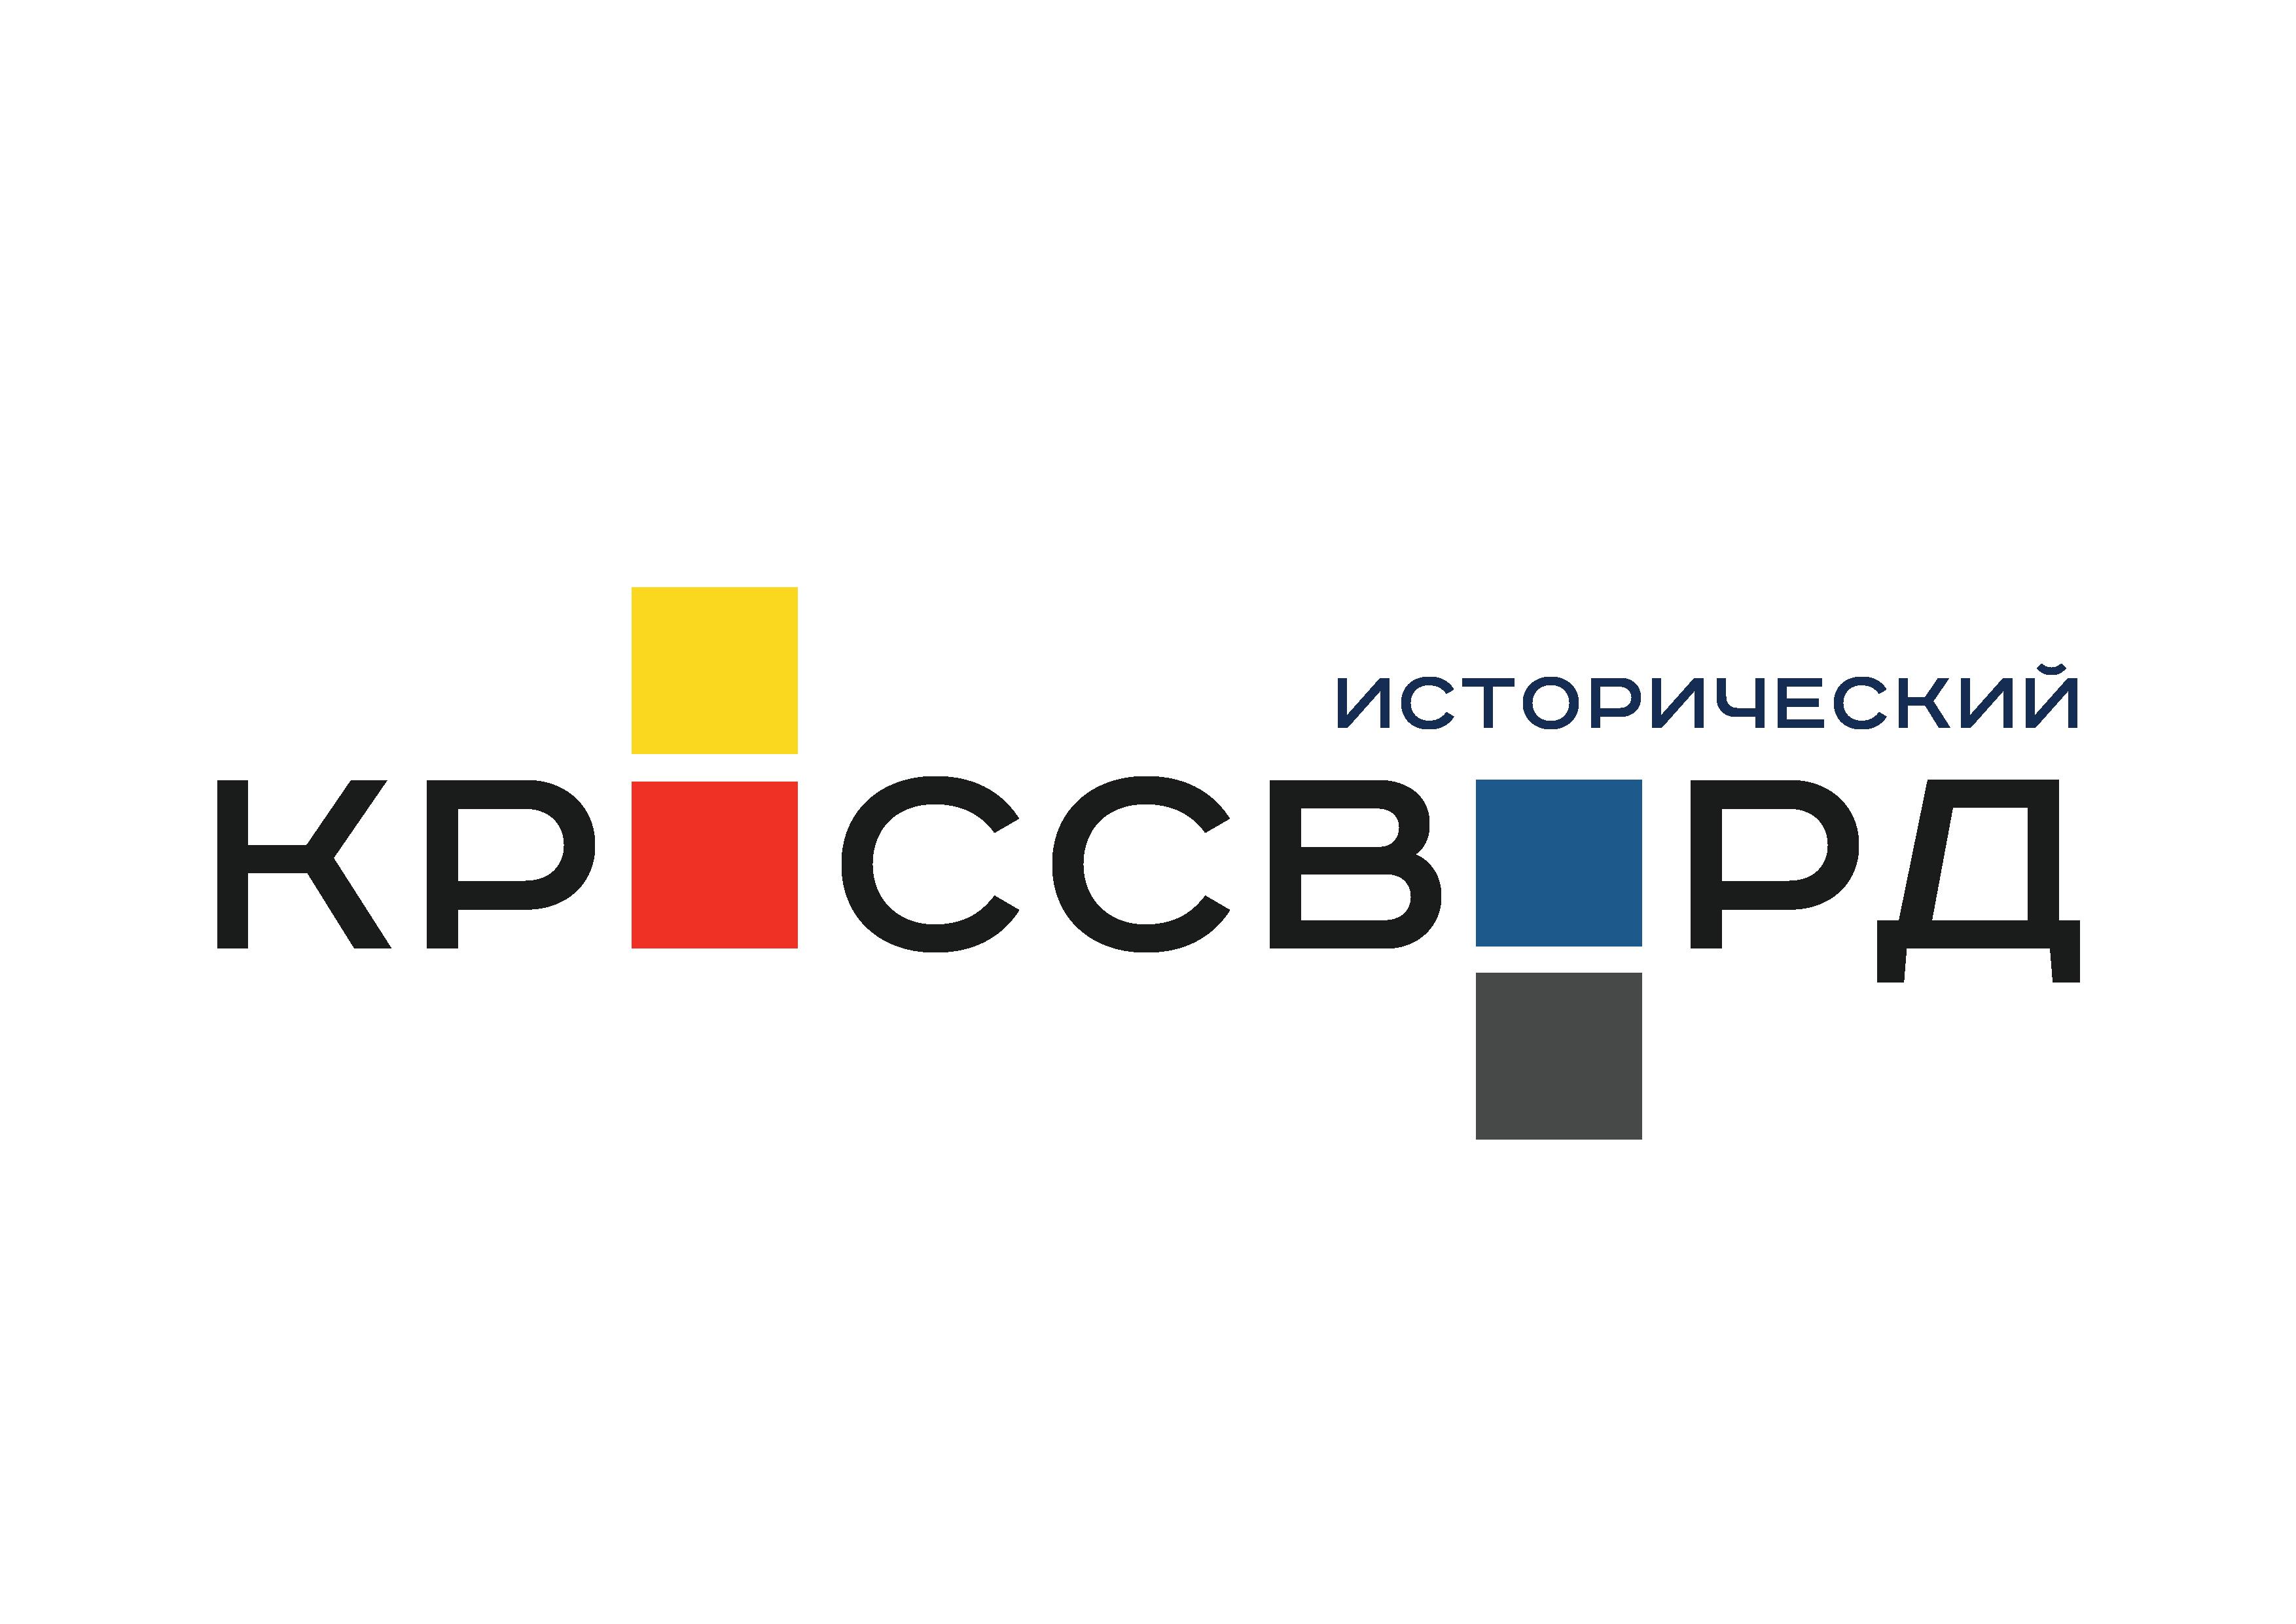 Картинки по запросу всероссийский исторический кроссворд